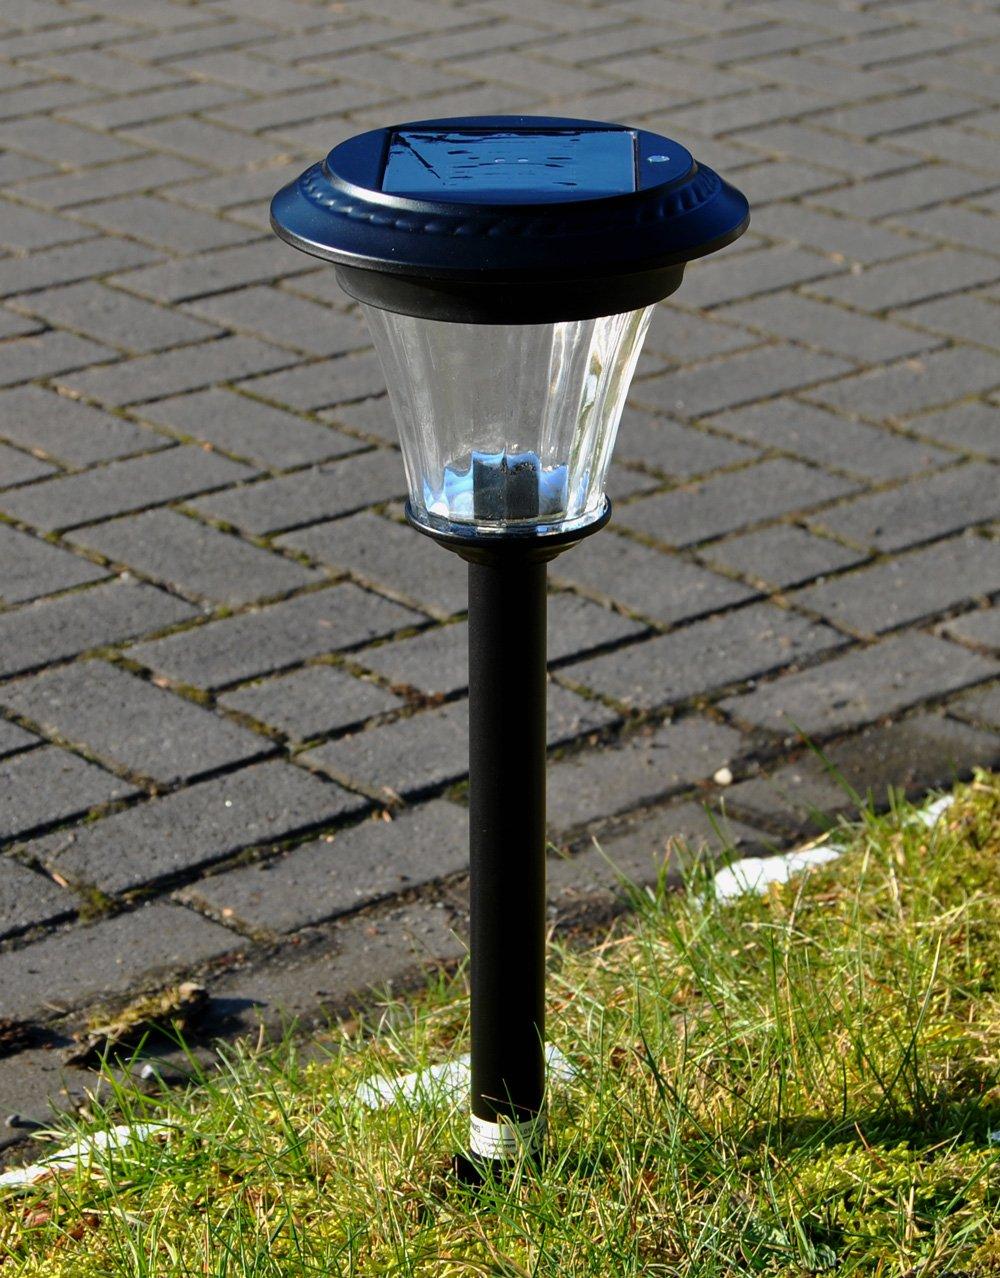 3 x Maximus LED Solar Wegeleuchte Bewegungsmelder GLAS METALL Gartenlicht Solarleuchte